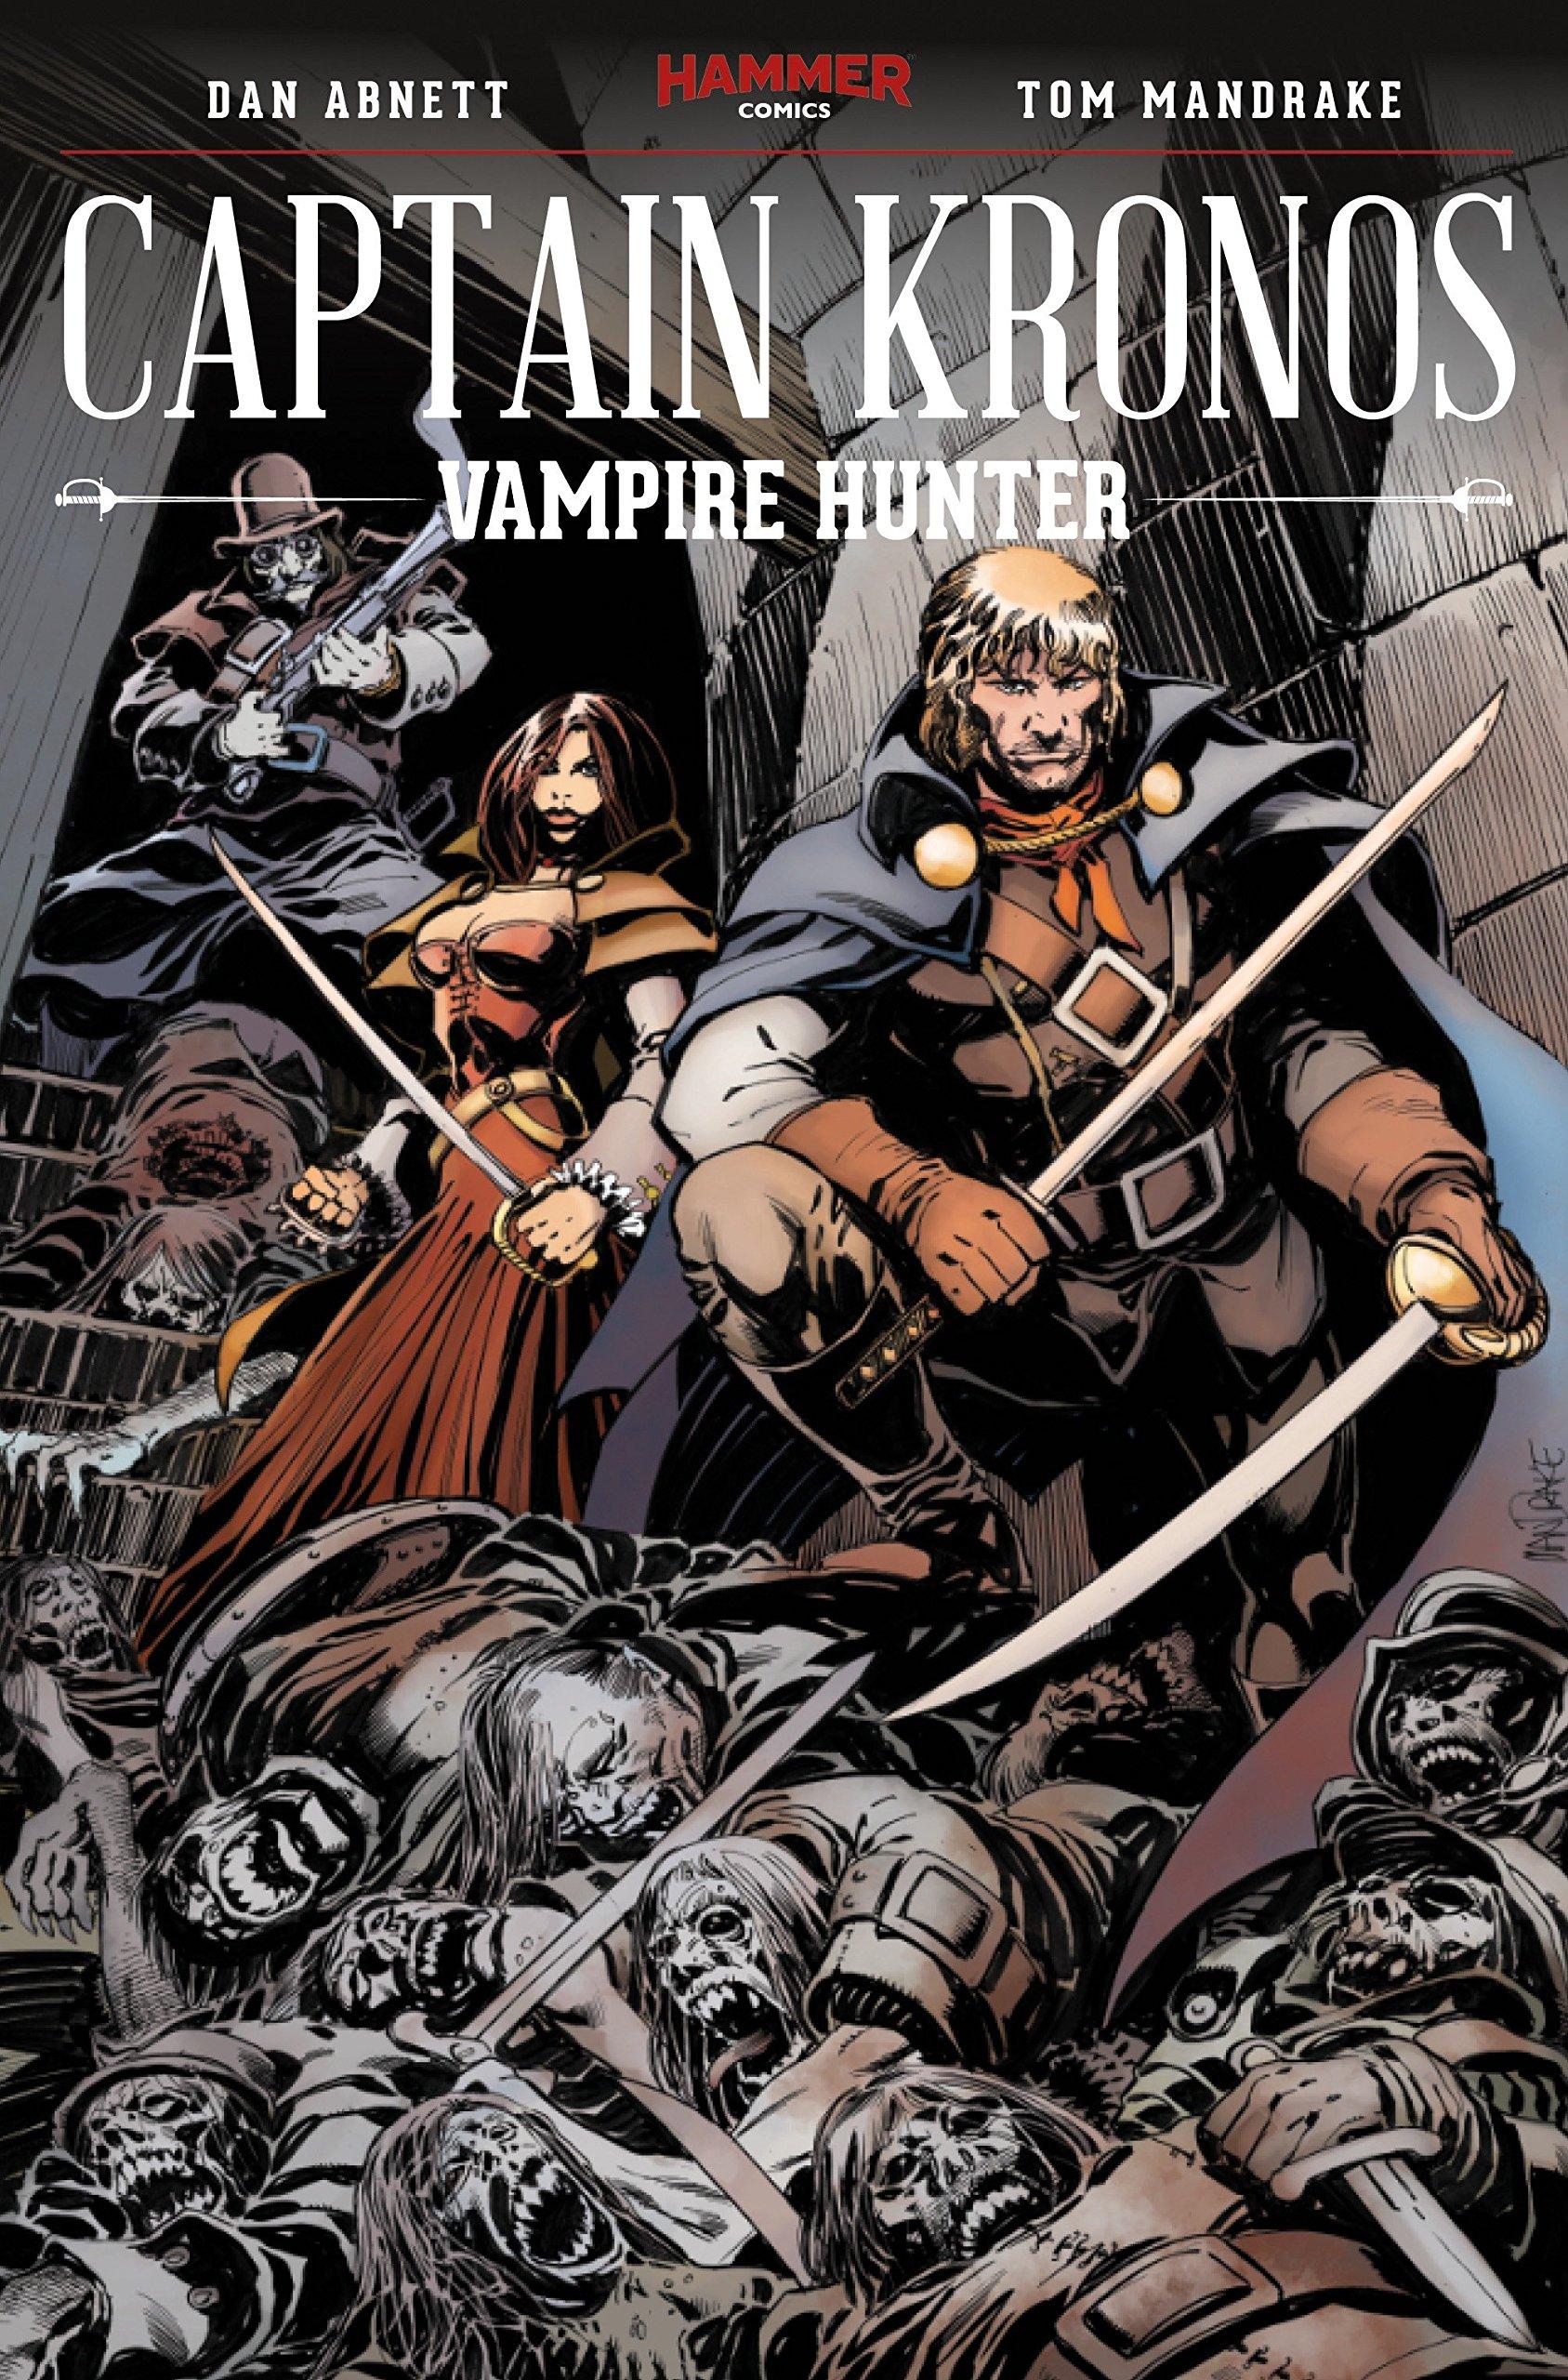 Captain Kronos: Vampire Hunter: Dan Abnett, Tom Mandrake